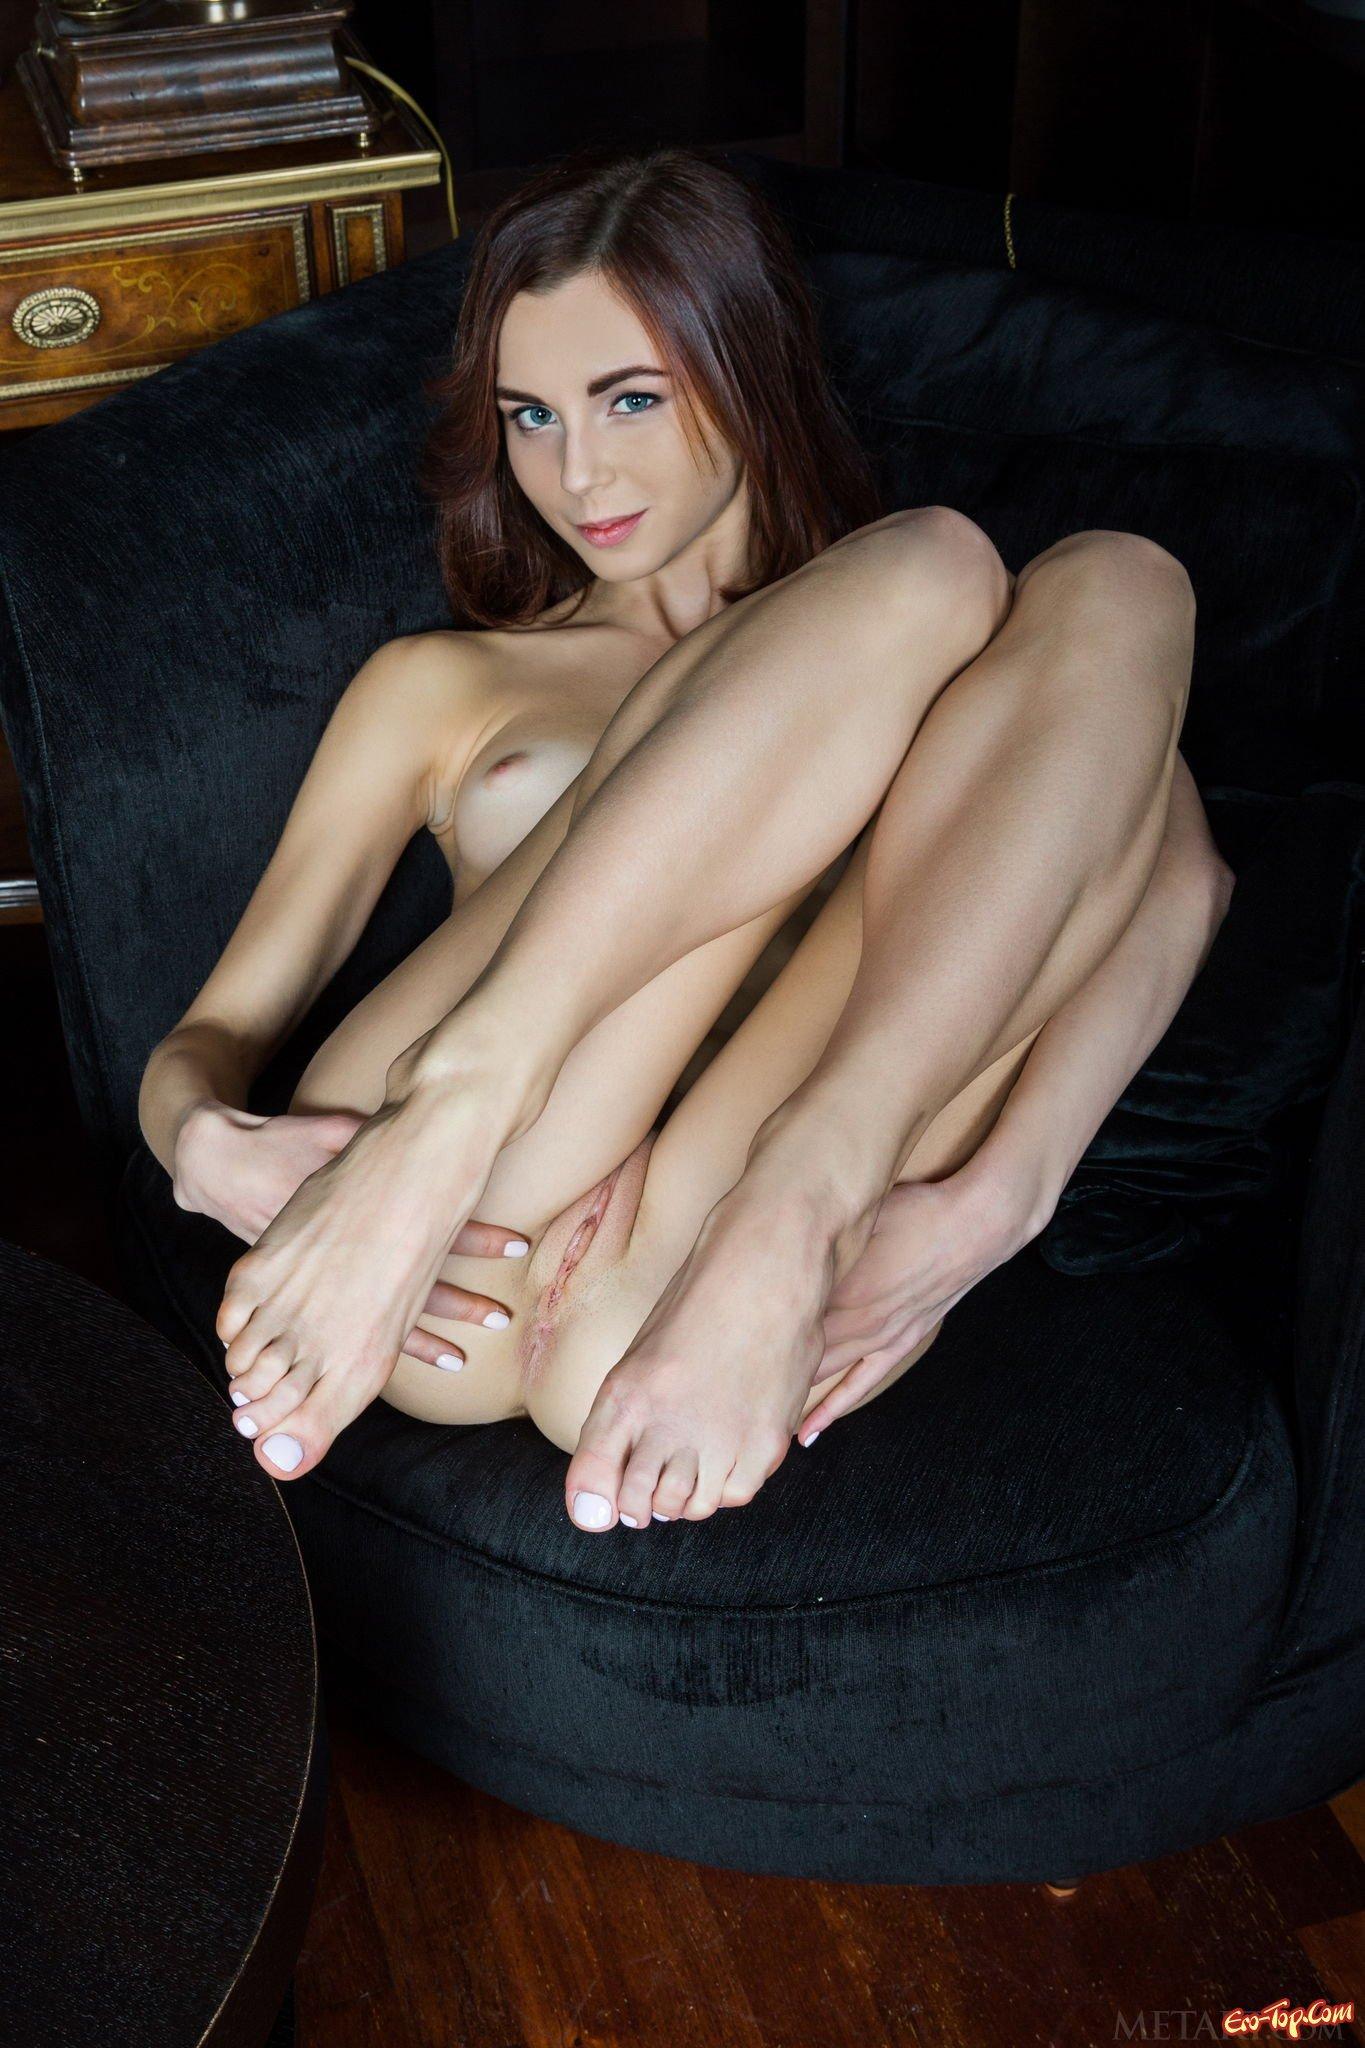 Девушка раздвигает ножки